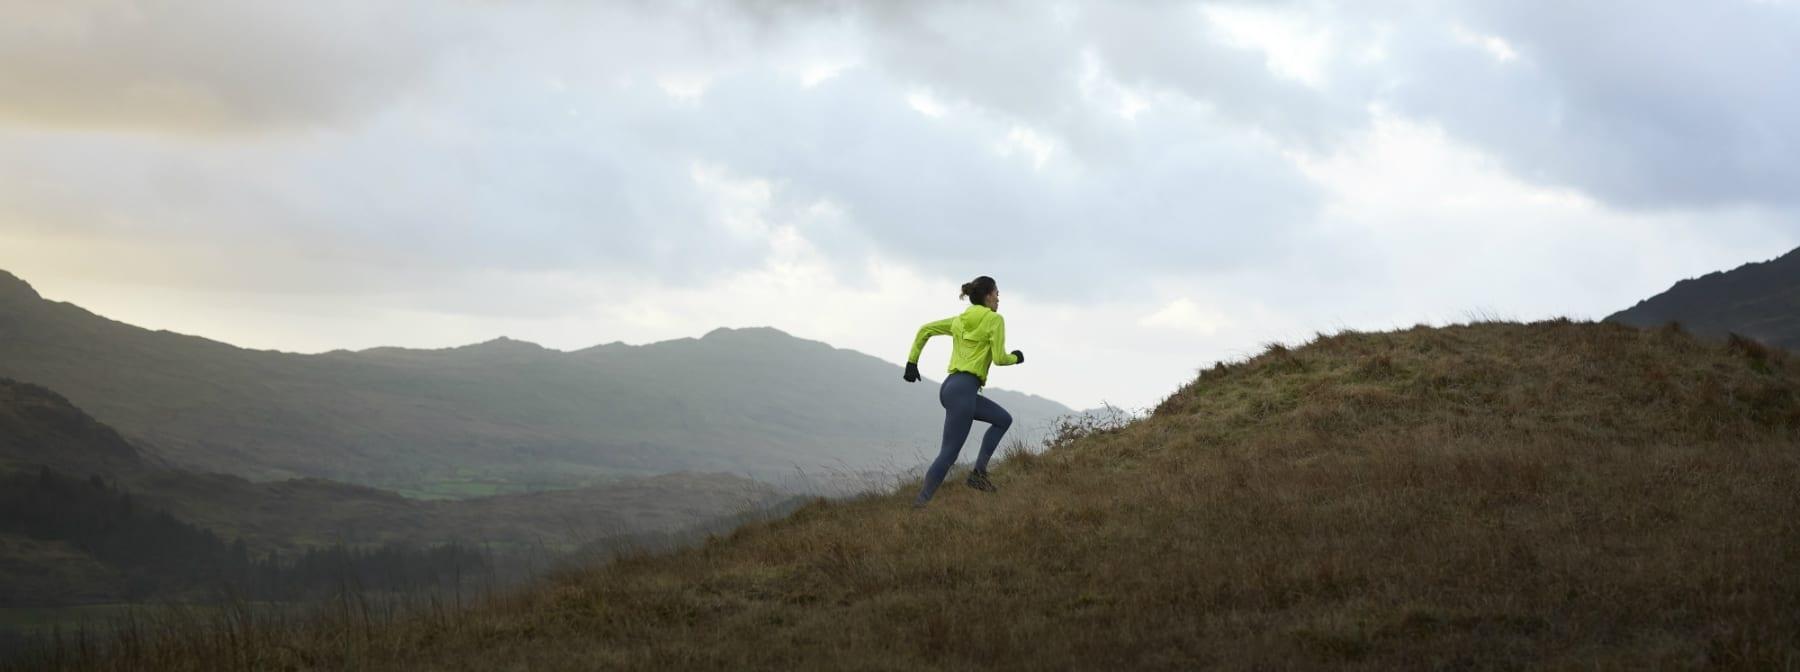 Běhání pro začátečníky | Čtyřtýdenní plán, jak začít běhat